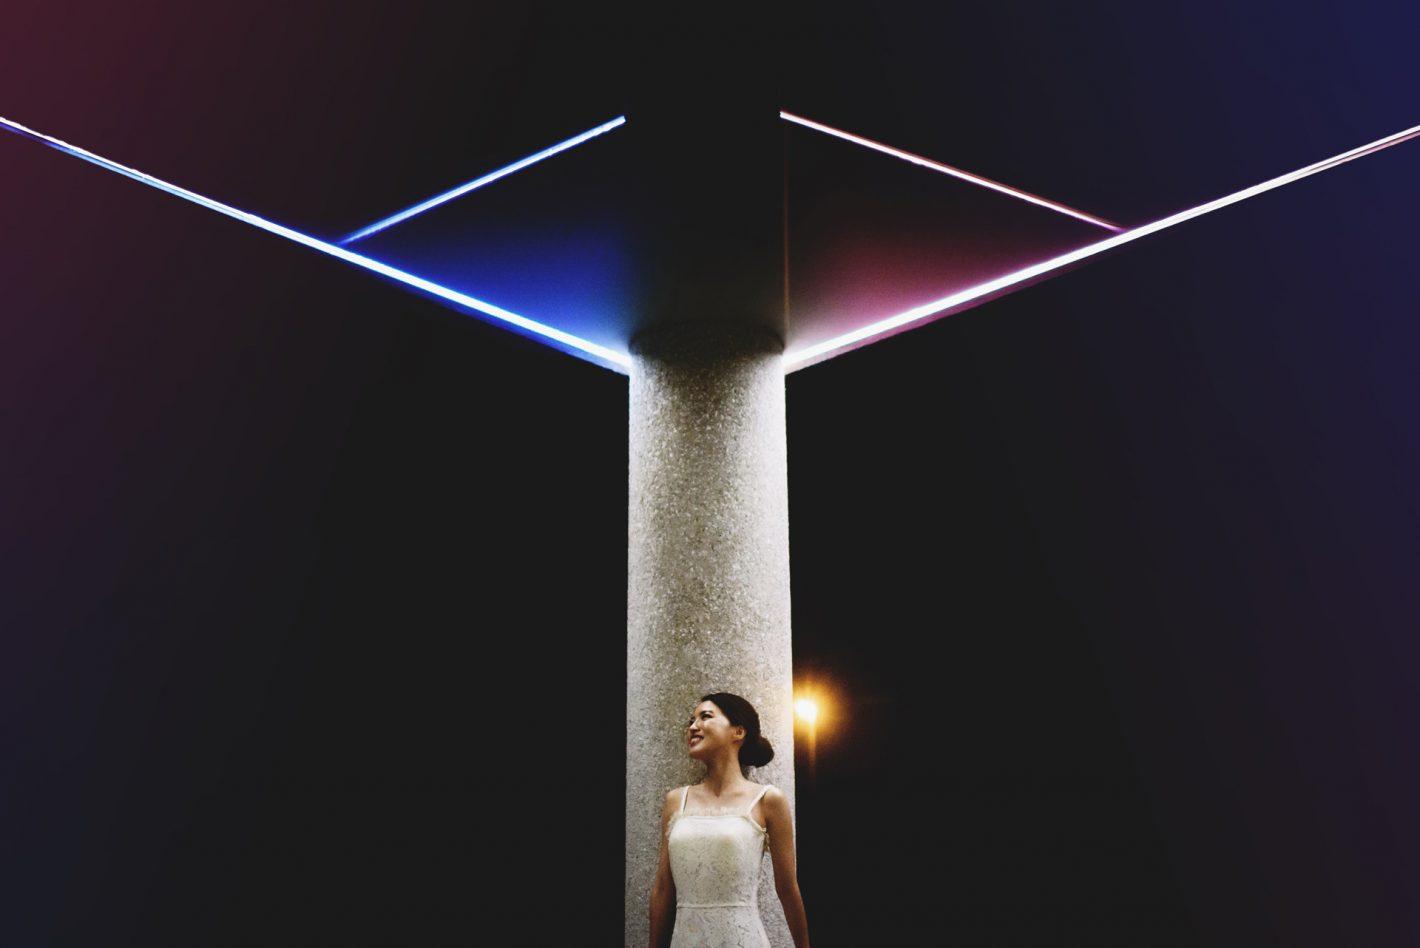 Portrait de nuit sans flash de la mariée. D750, AF-S NIKKOR 35 mm f/1.4G, ISO 5000, 1/250 sec @ f/1.6